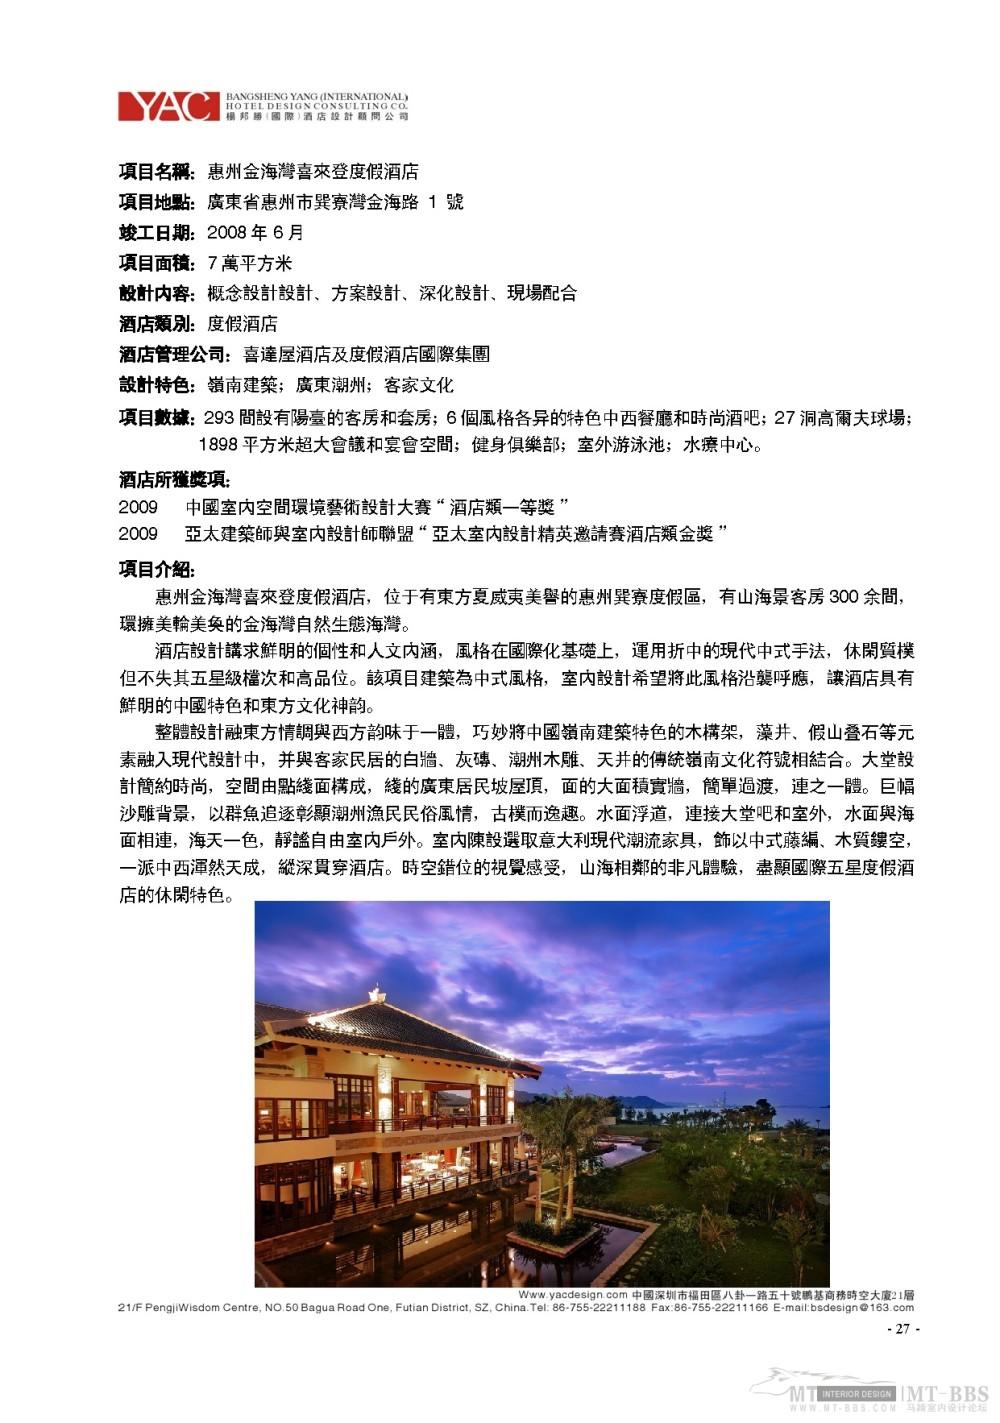 杨邦胜_2011.03.30YAC(国际)杨邦胜酒店设计顾问公司简介_页面_27.jpg